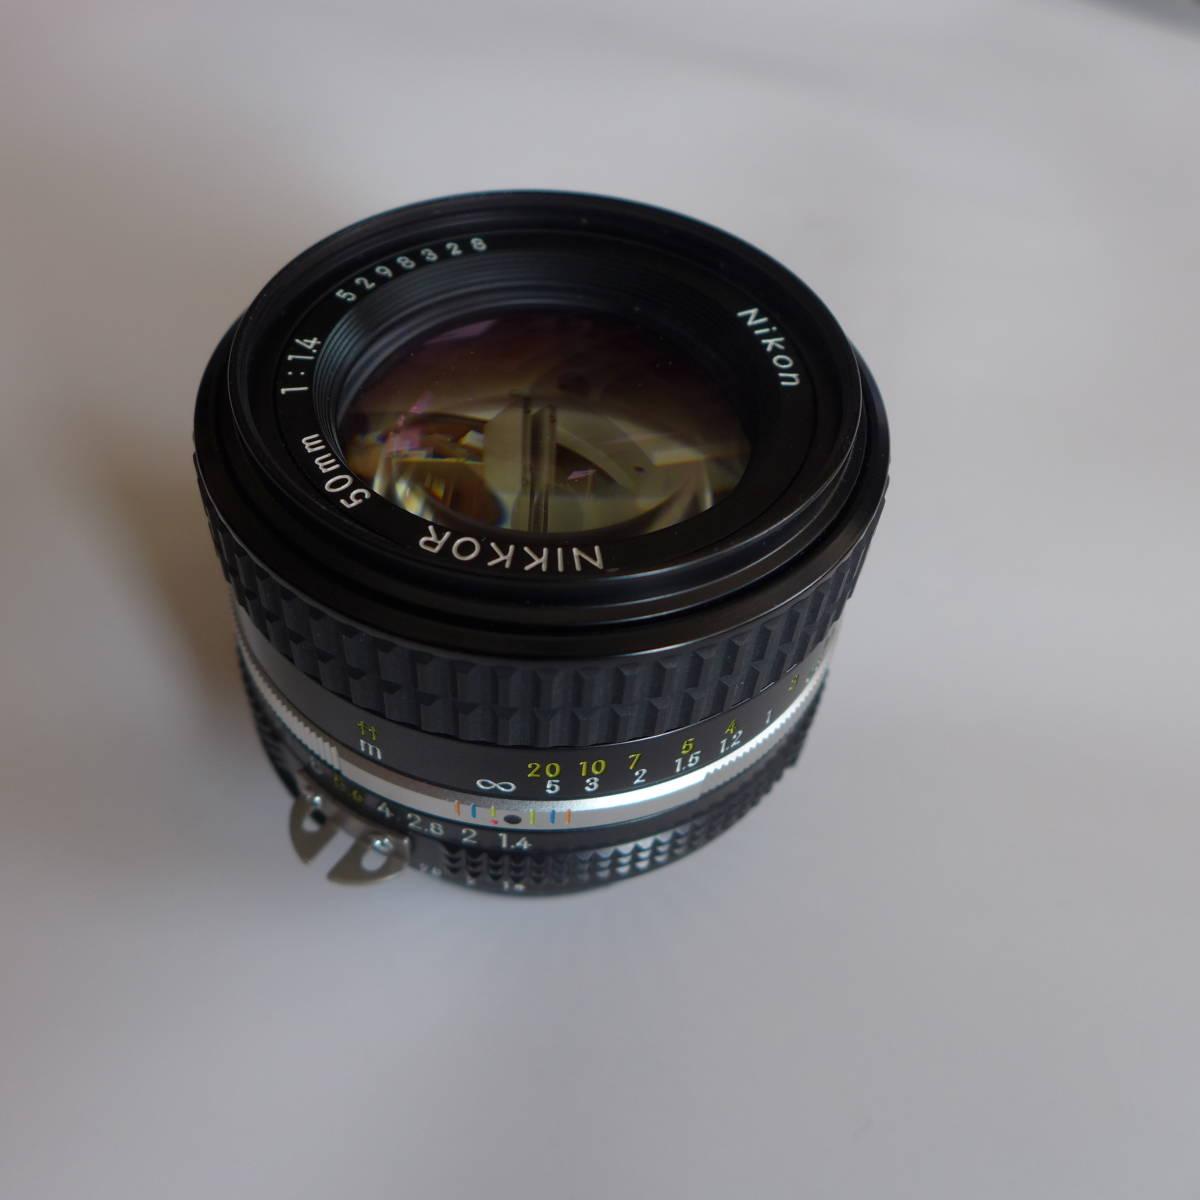 ニコン Nikon Ai NIKKOR 50mm 1:1.4S 標準レンズ 美品 Nikon製 52mm保護フイルター付き 送料無料_画像2